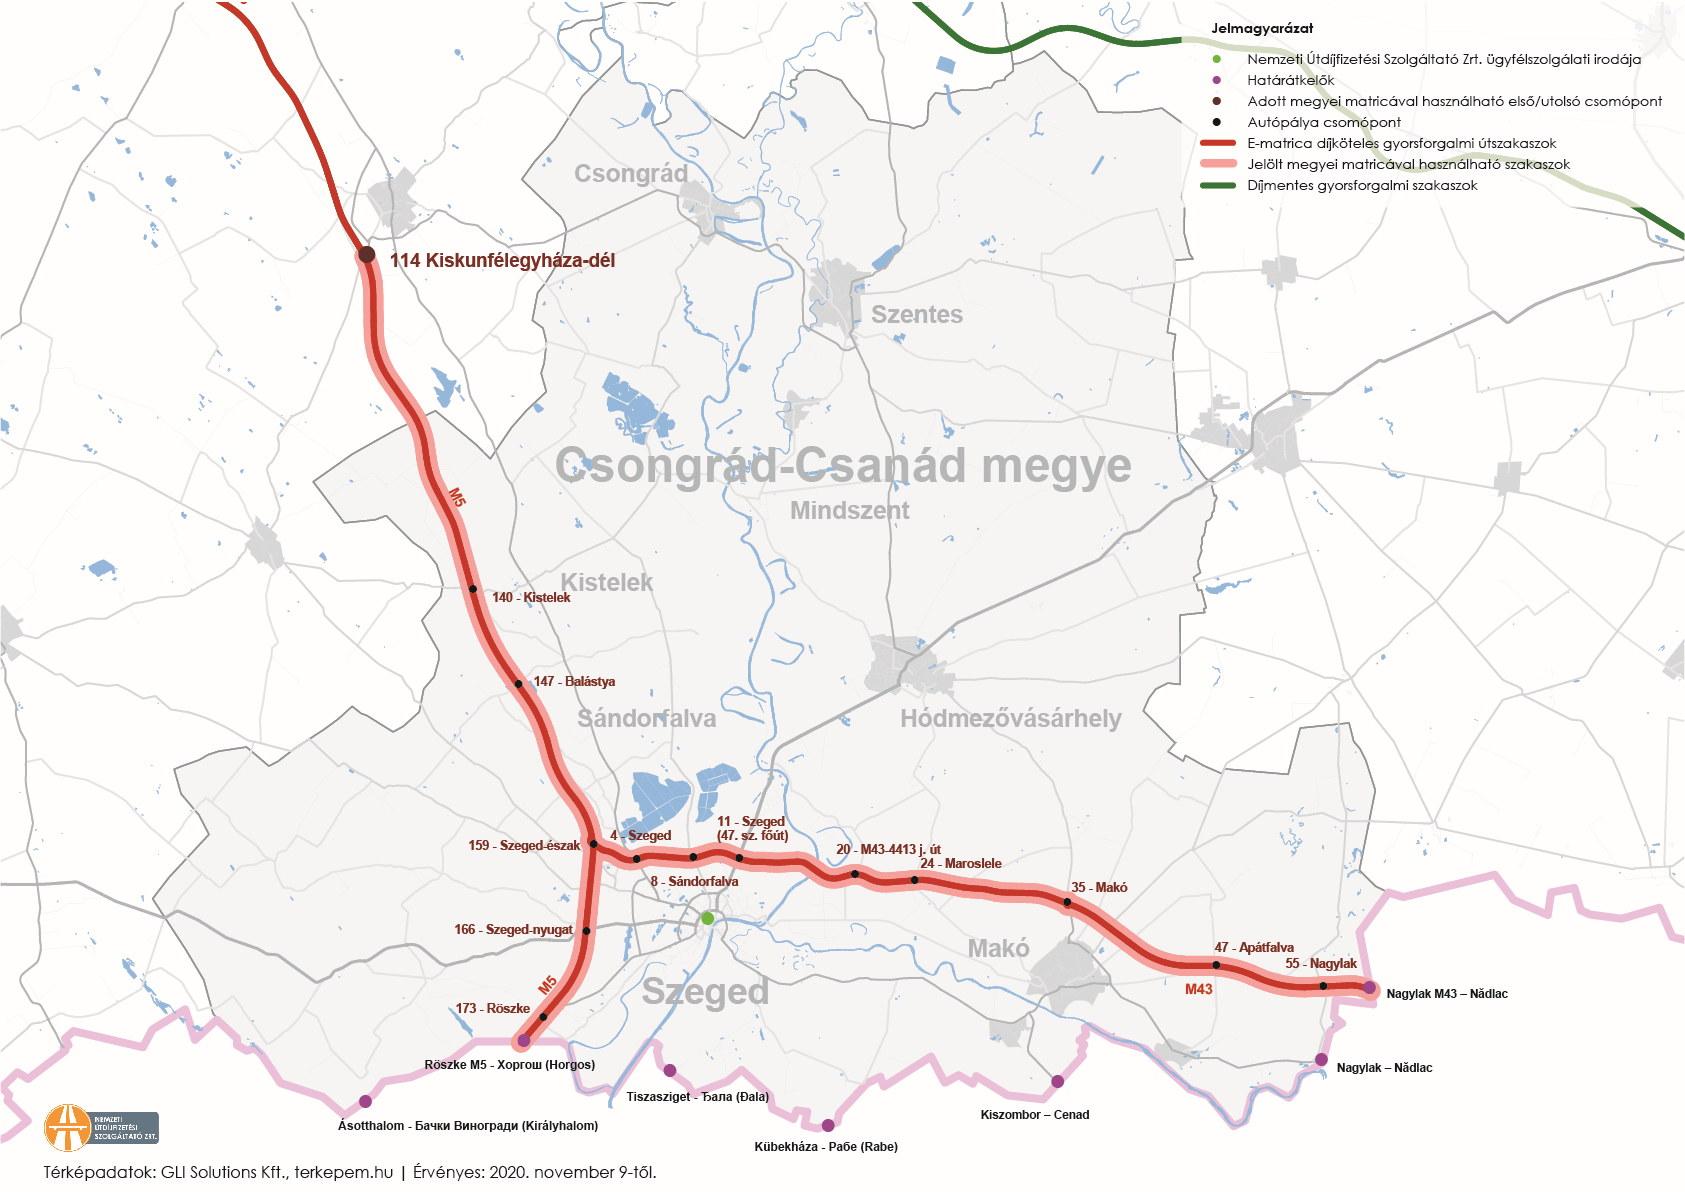 Csongrád megye úthálózatának térképe